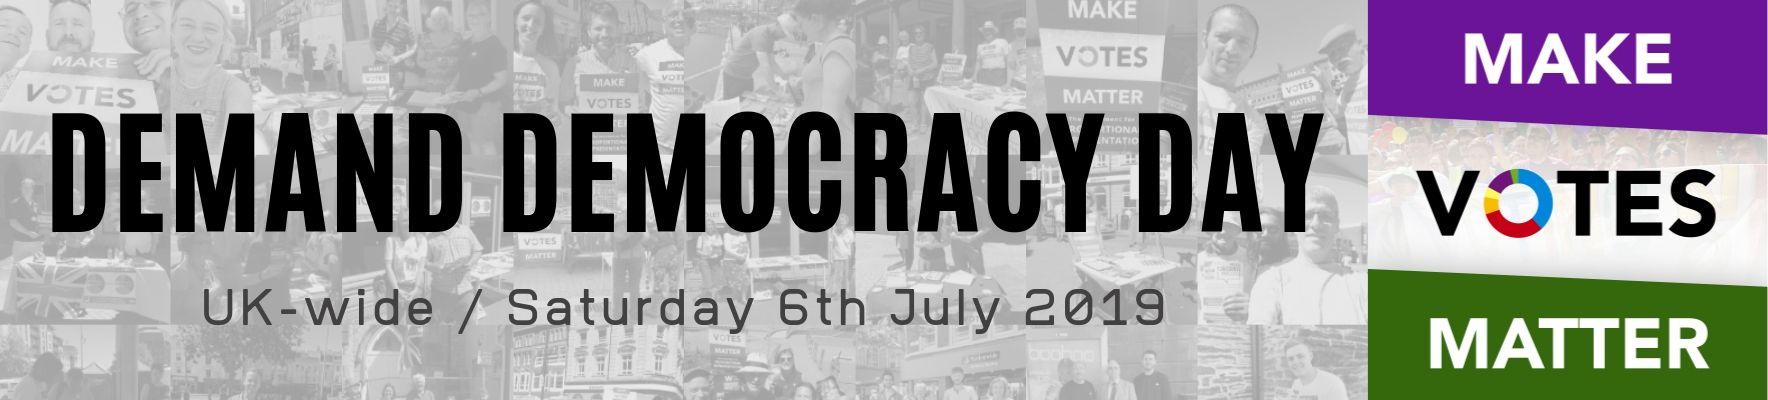 Demand Democracy Day